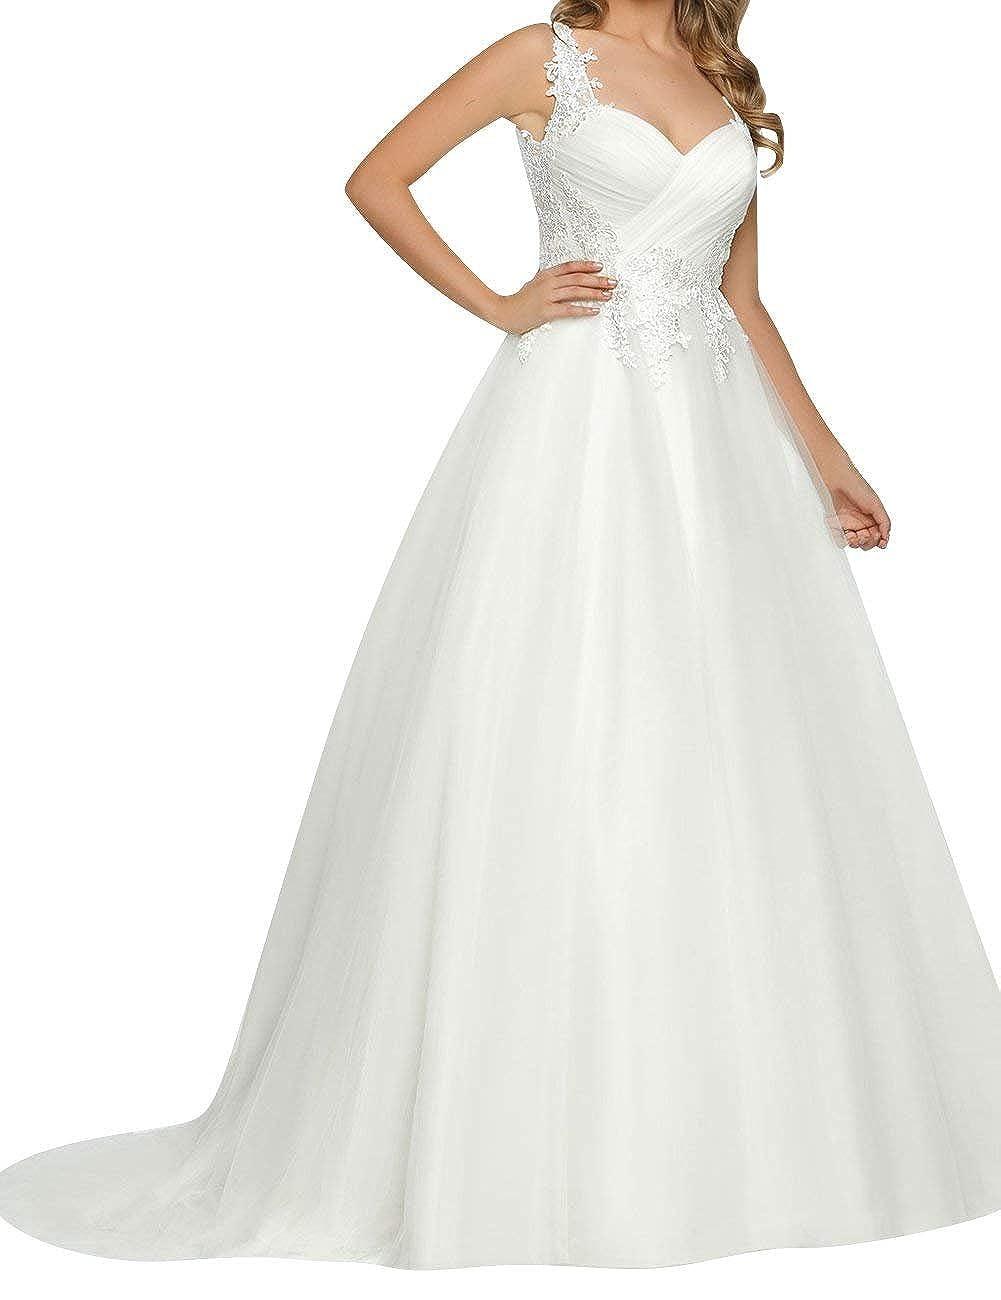 Brautkleid Hochzeitskleider Vintage Lang A Linie Damen Kleid